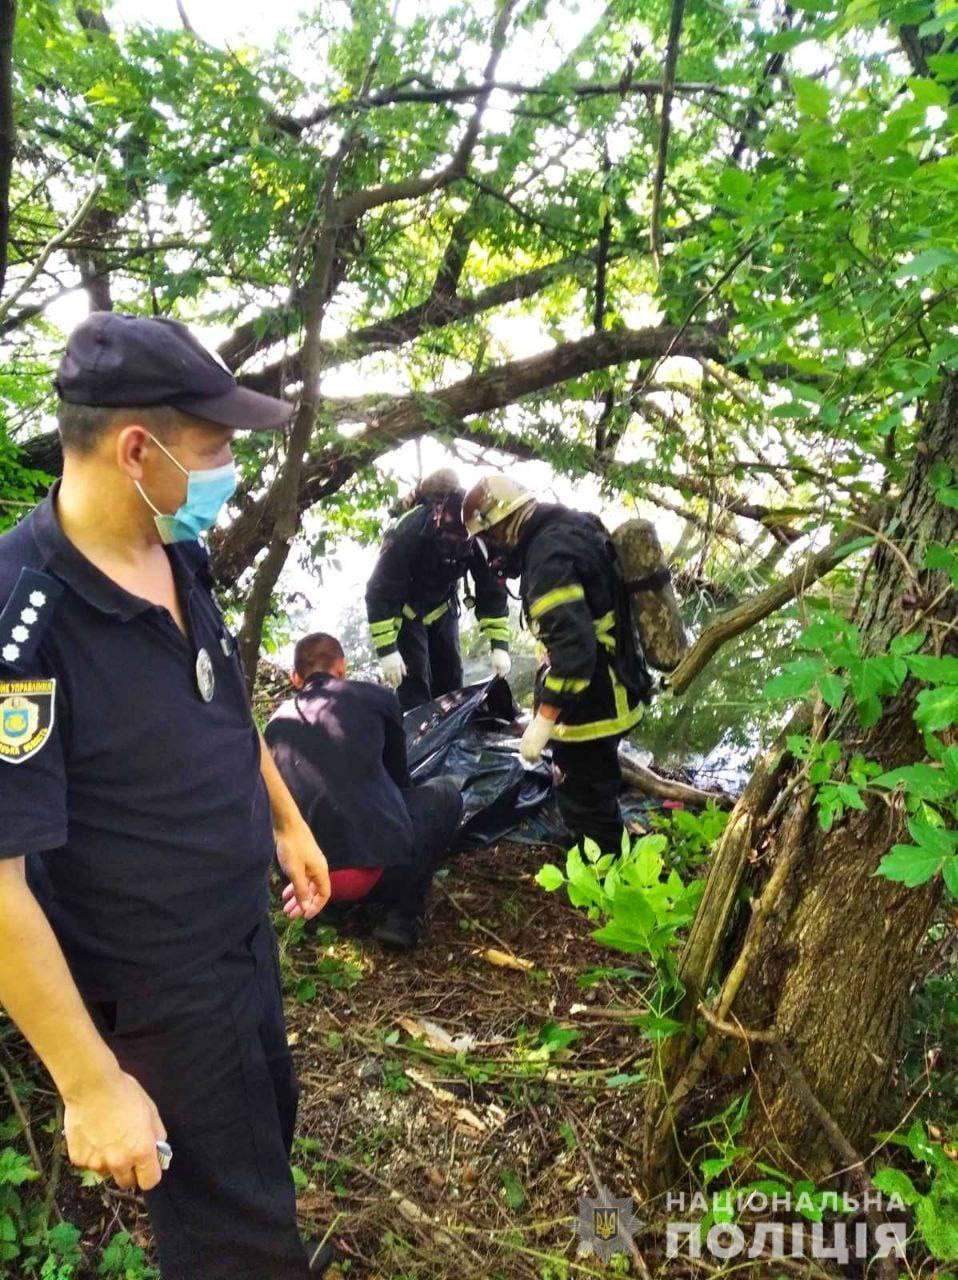 Черкащанина, якого розшукували кілька днів, знайшли мертвим